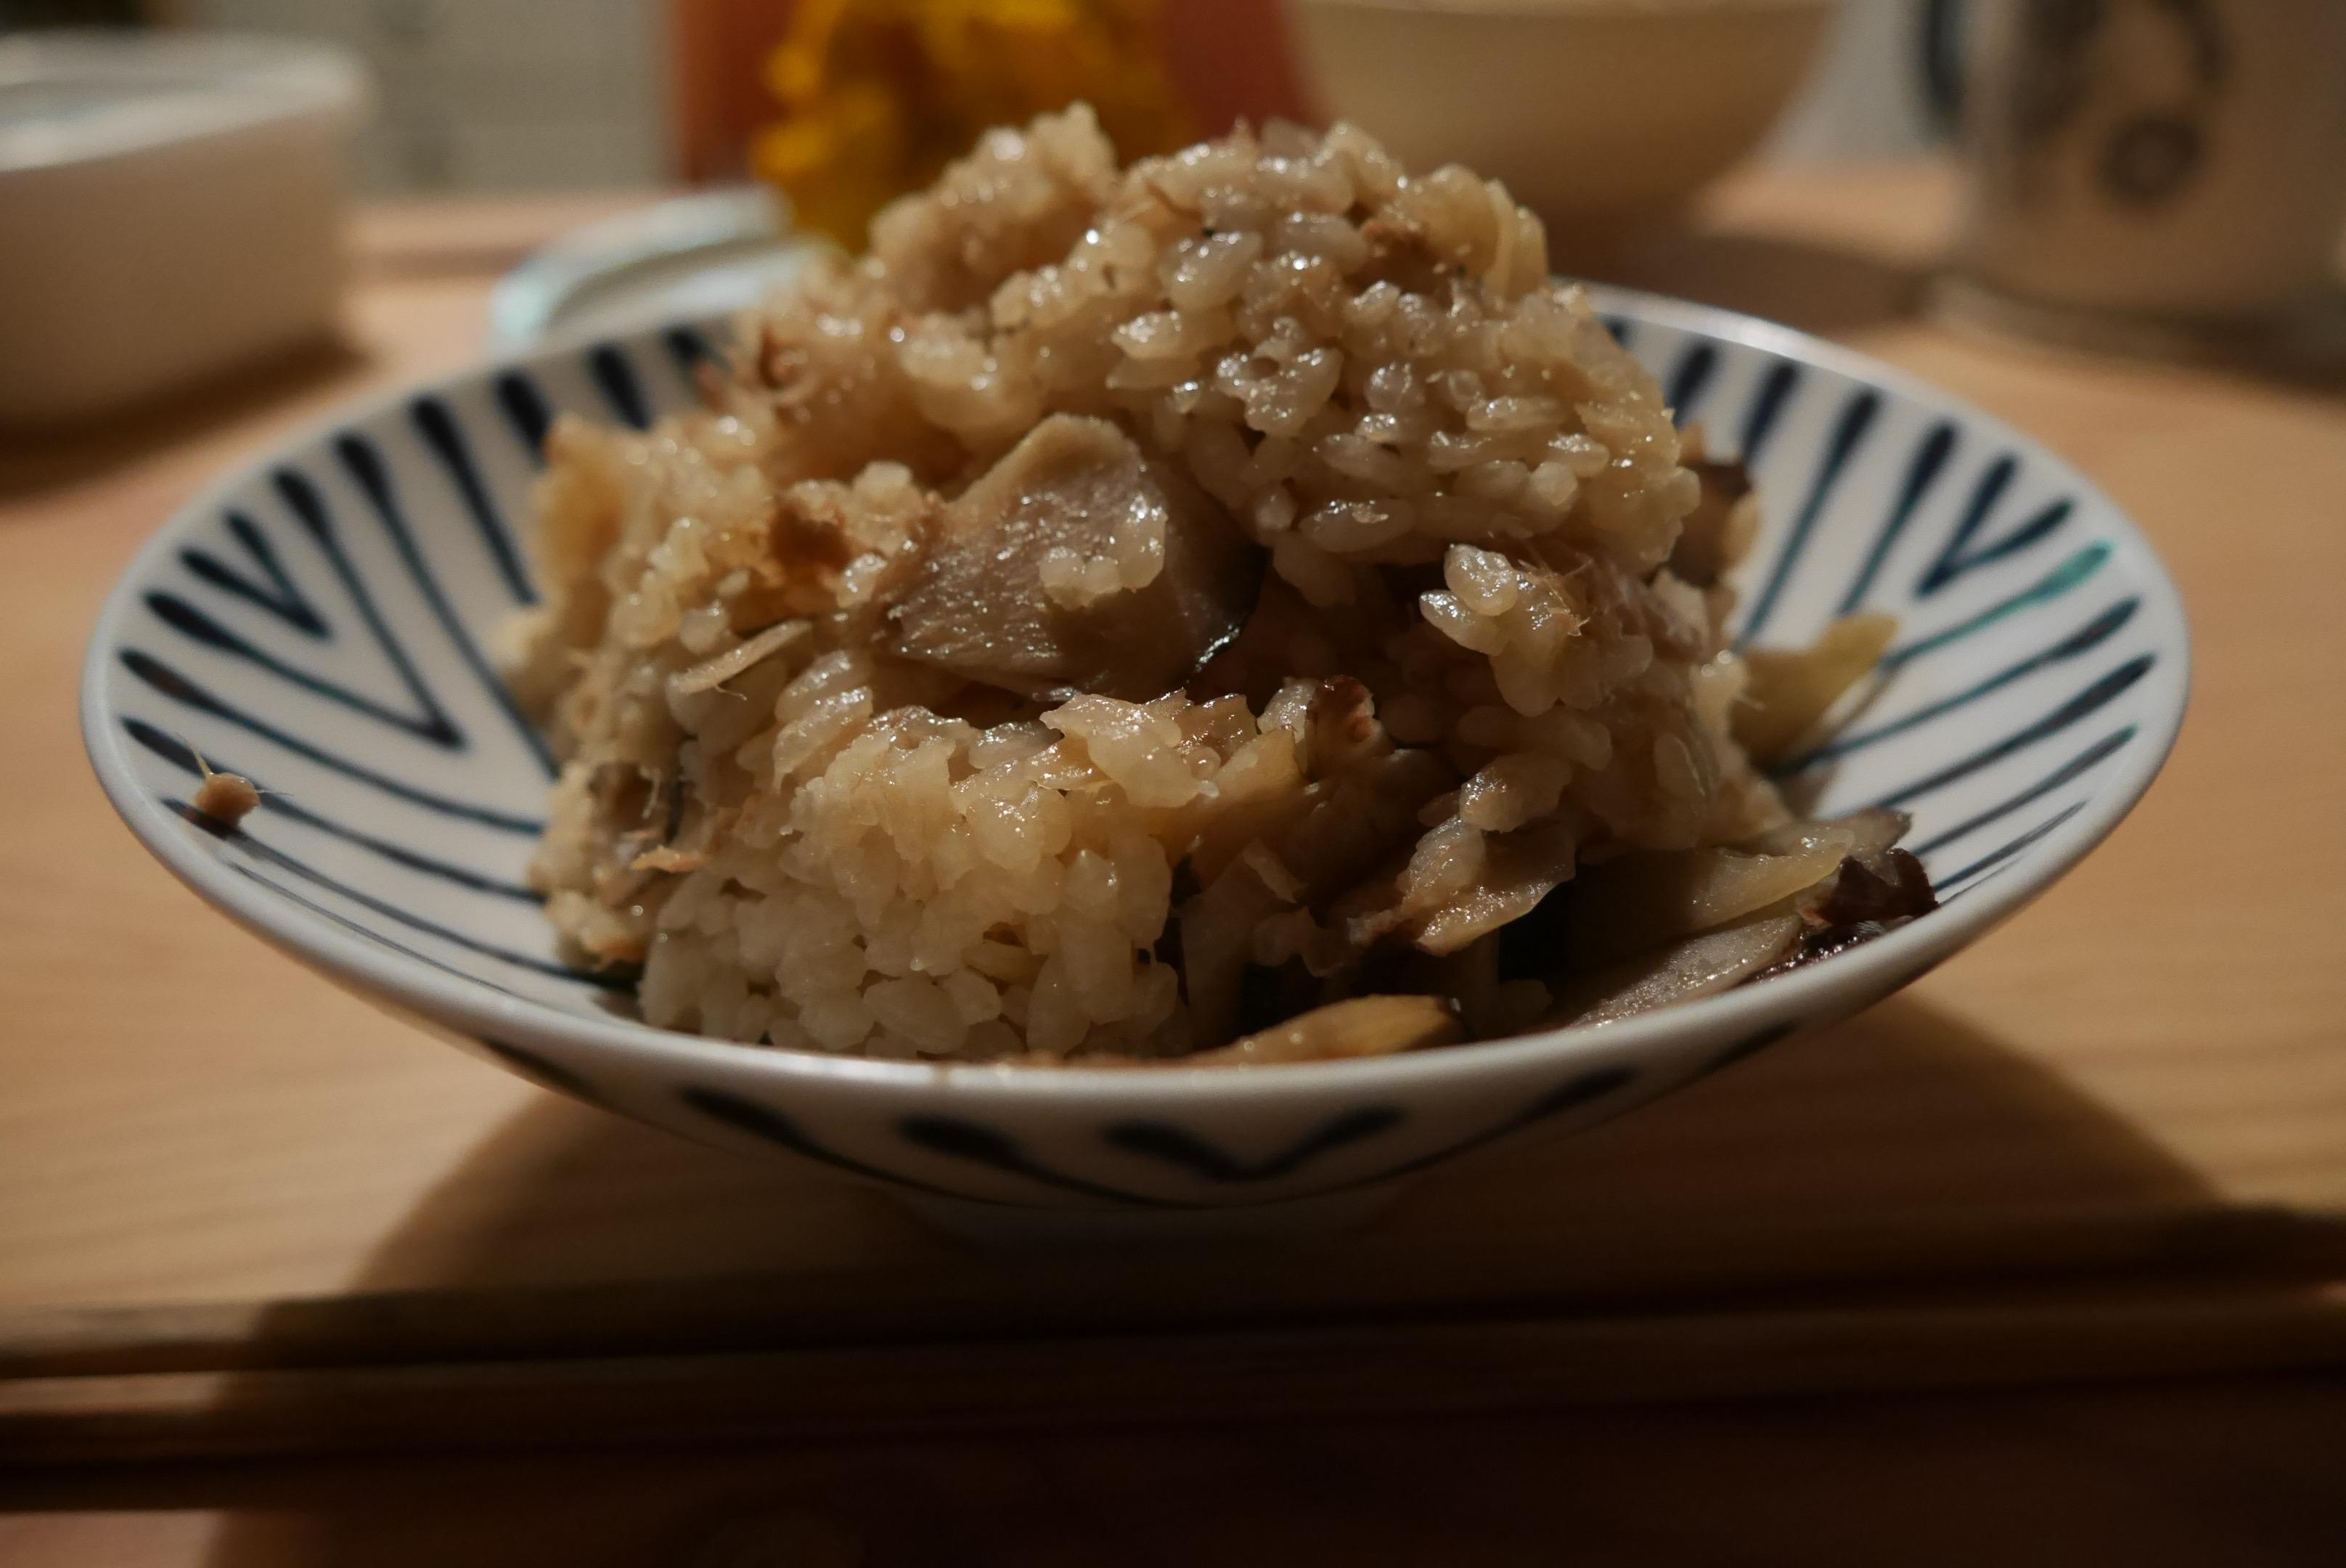 大浦ごぼうとツナの炊き込みご飯とかぼちゃのサラダがめっちゃうまかった話!